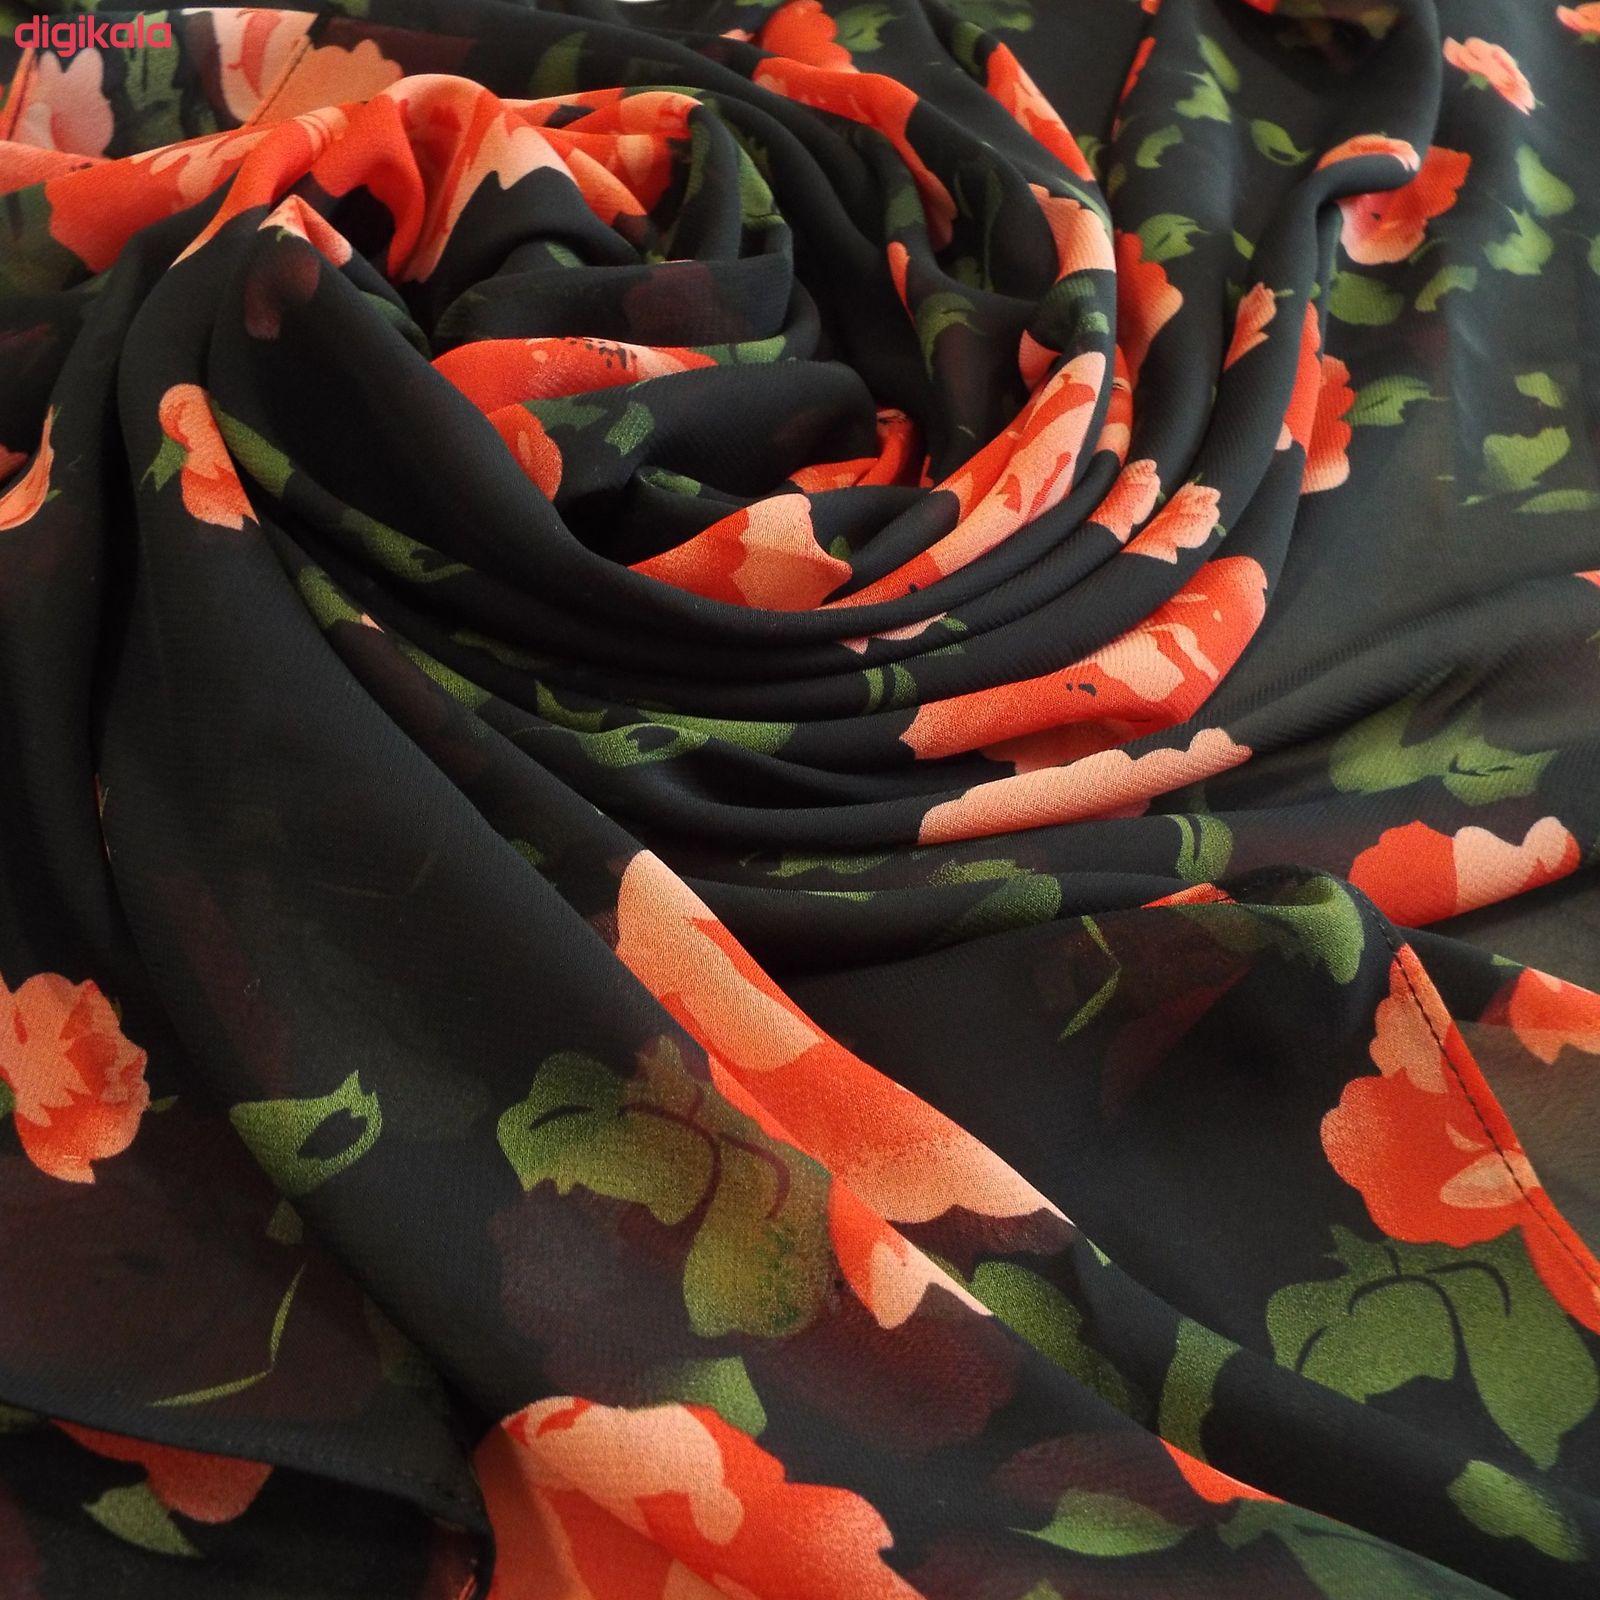 روسری زنانه تبسم کد 1011101 main 1 4